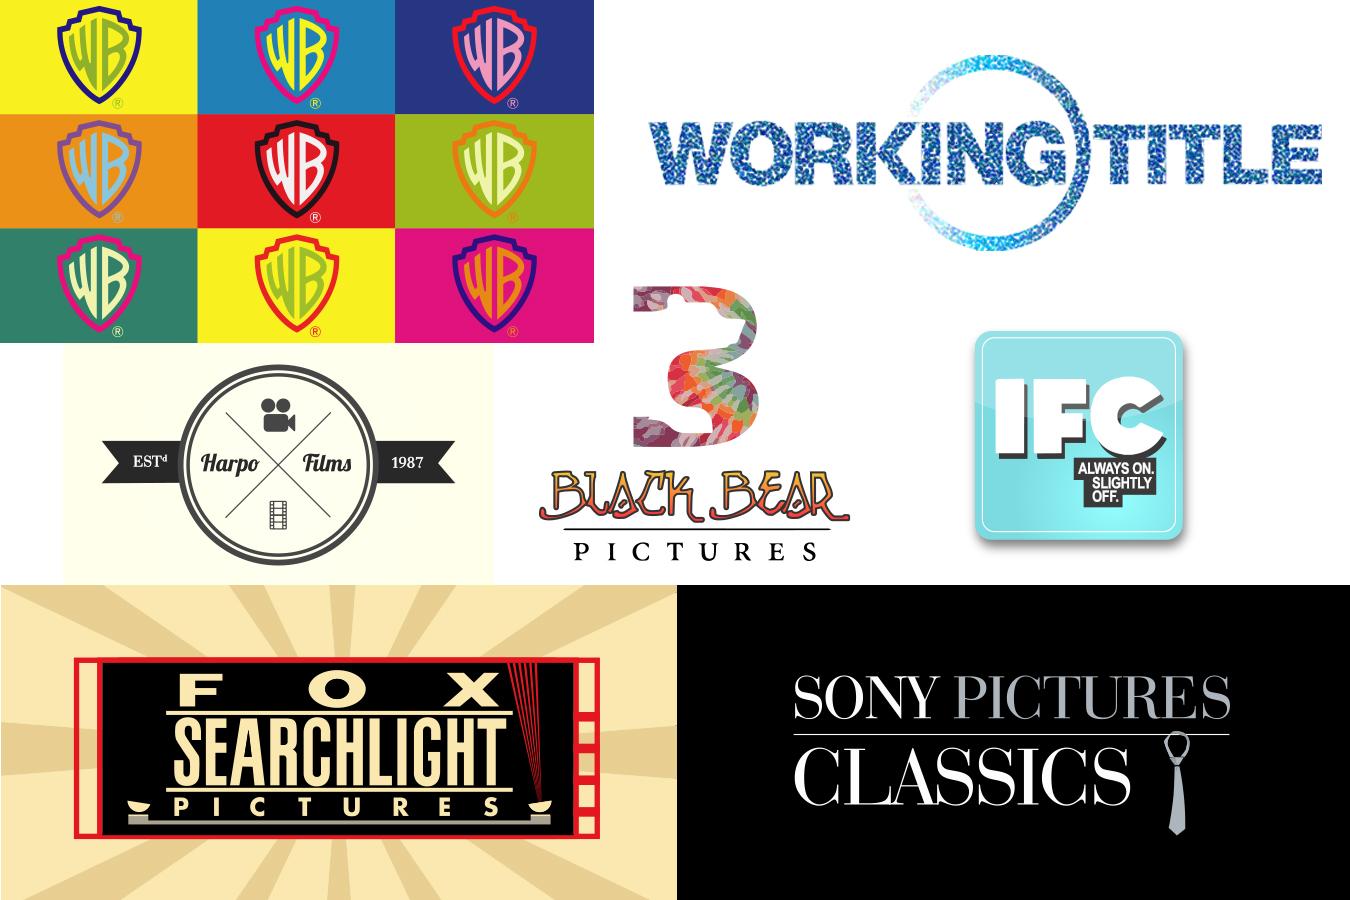 Oscar logos